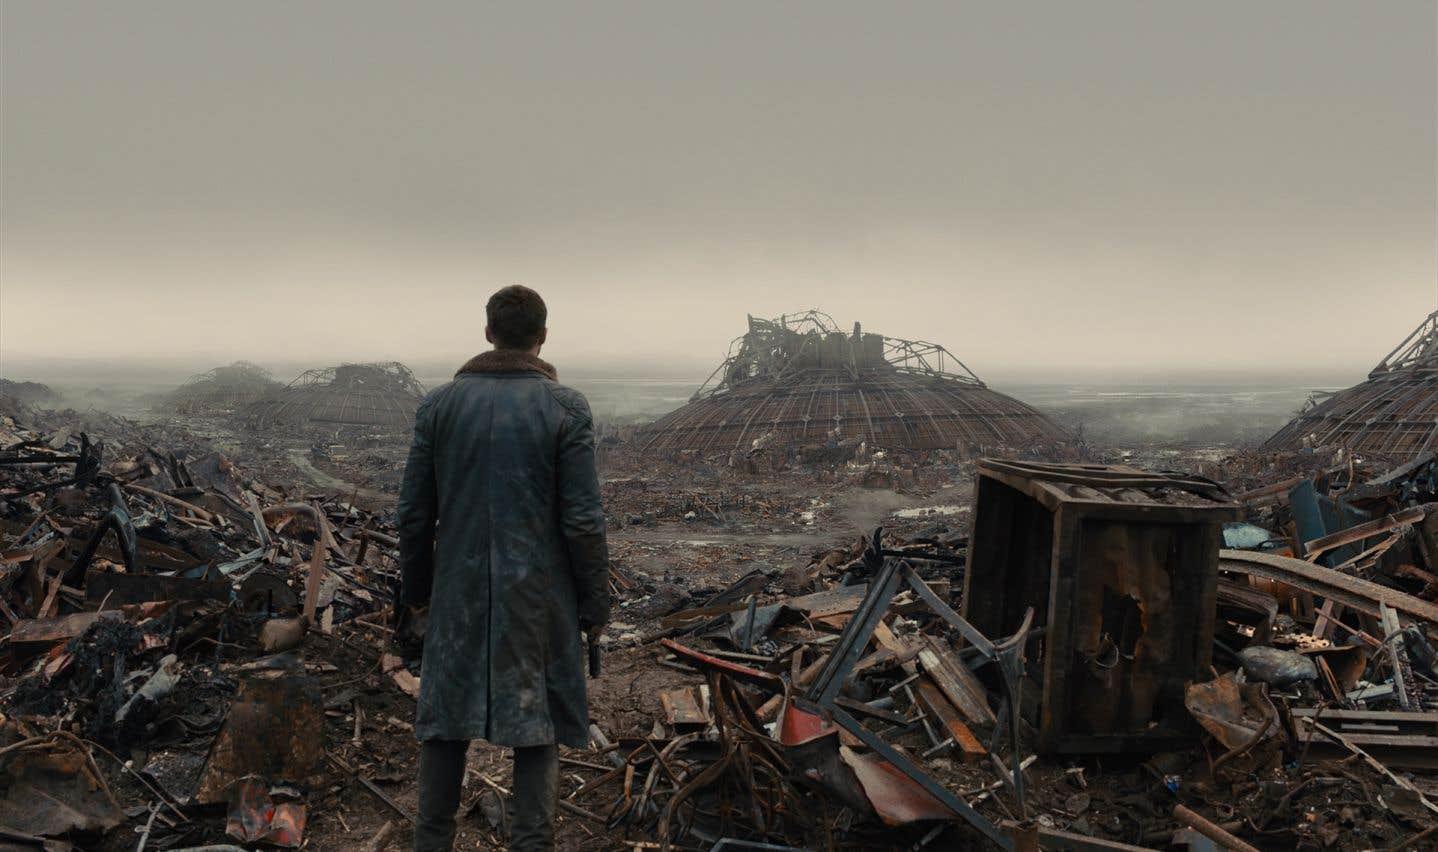 Le film Blade Runner 2049, tourné par le Québécois Denis Villeneuve, n'a pas obtenu autant de succès que certains attendaient, mais les critiques semblent toutefois s'entendre sur la qualité des effets visuels.